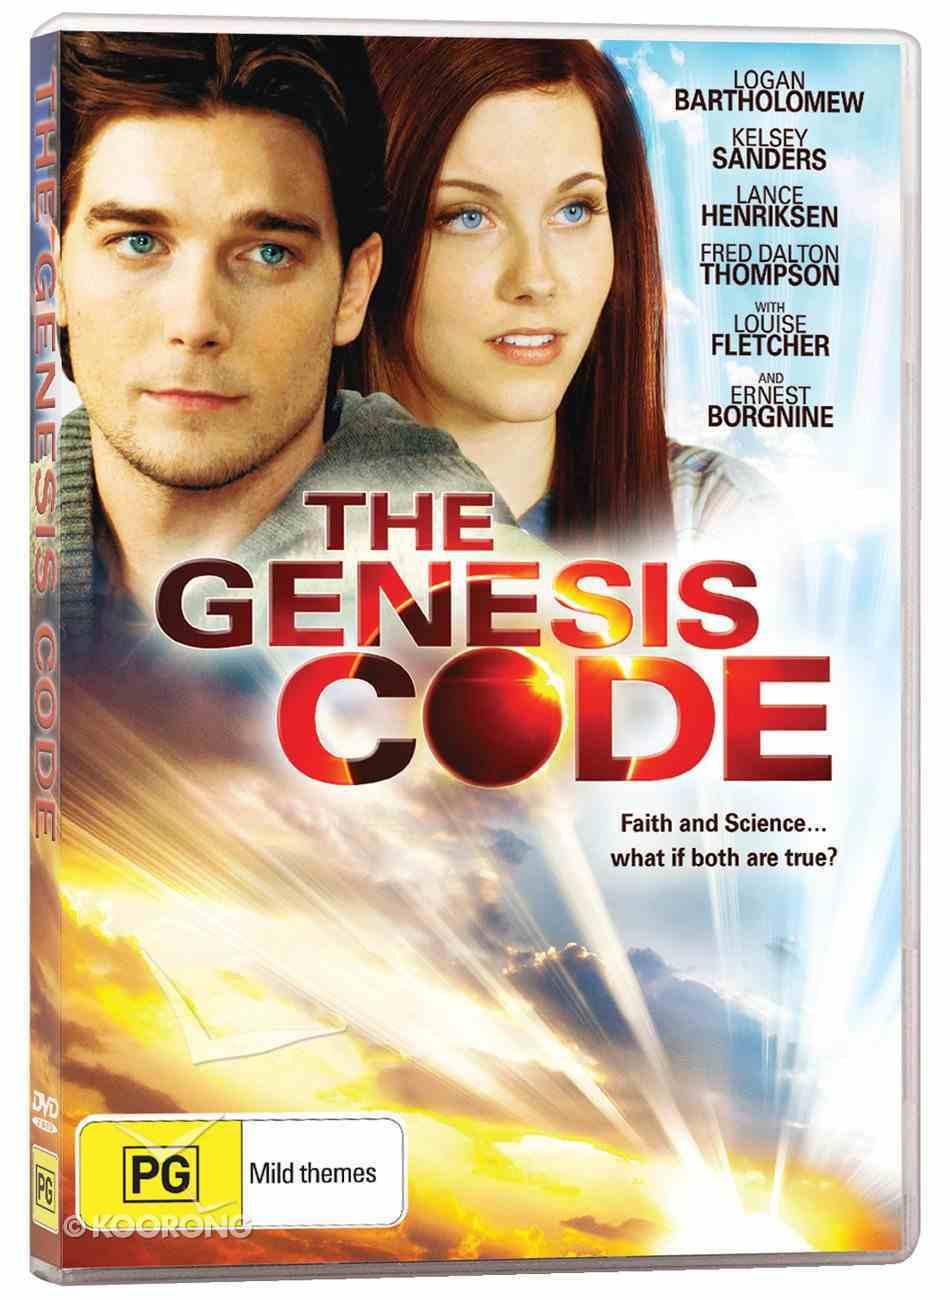 The Genesis Code DVD